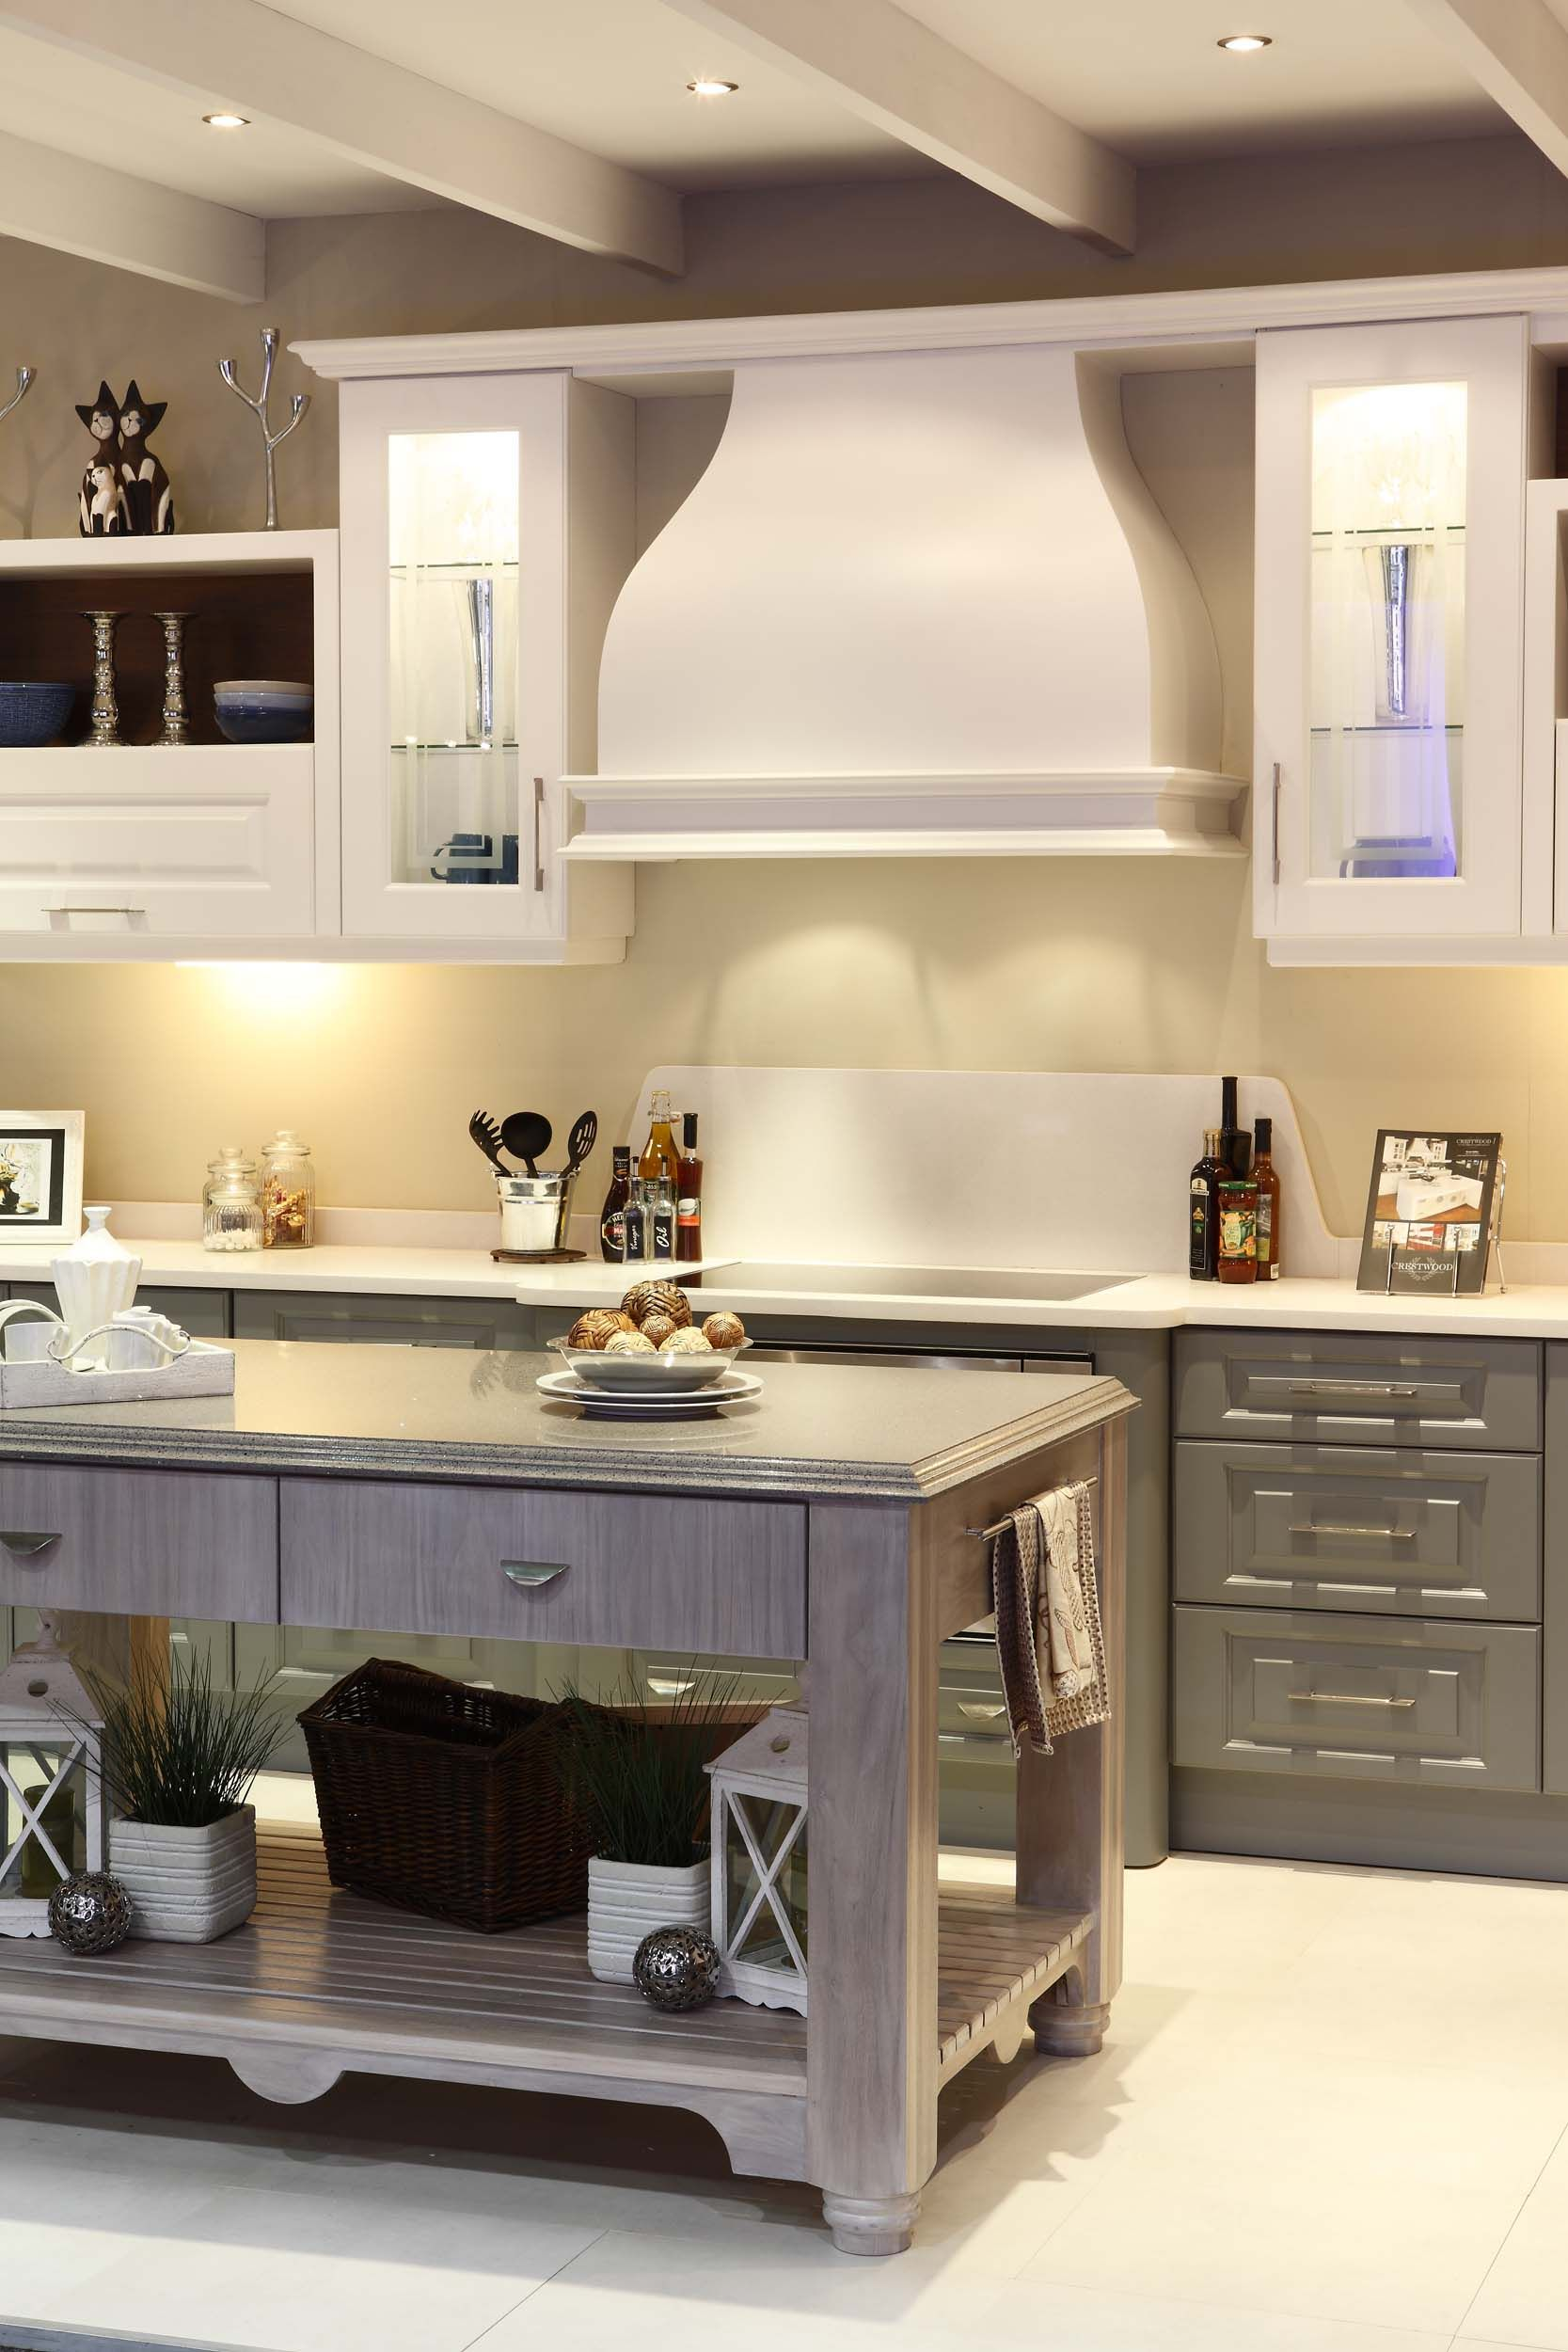 Crestwood Kitchens | Decorex Durban 2012 | Pinterest | Kitchens ...